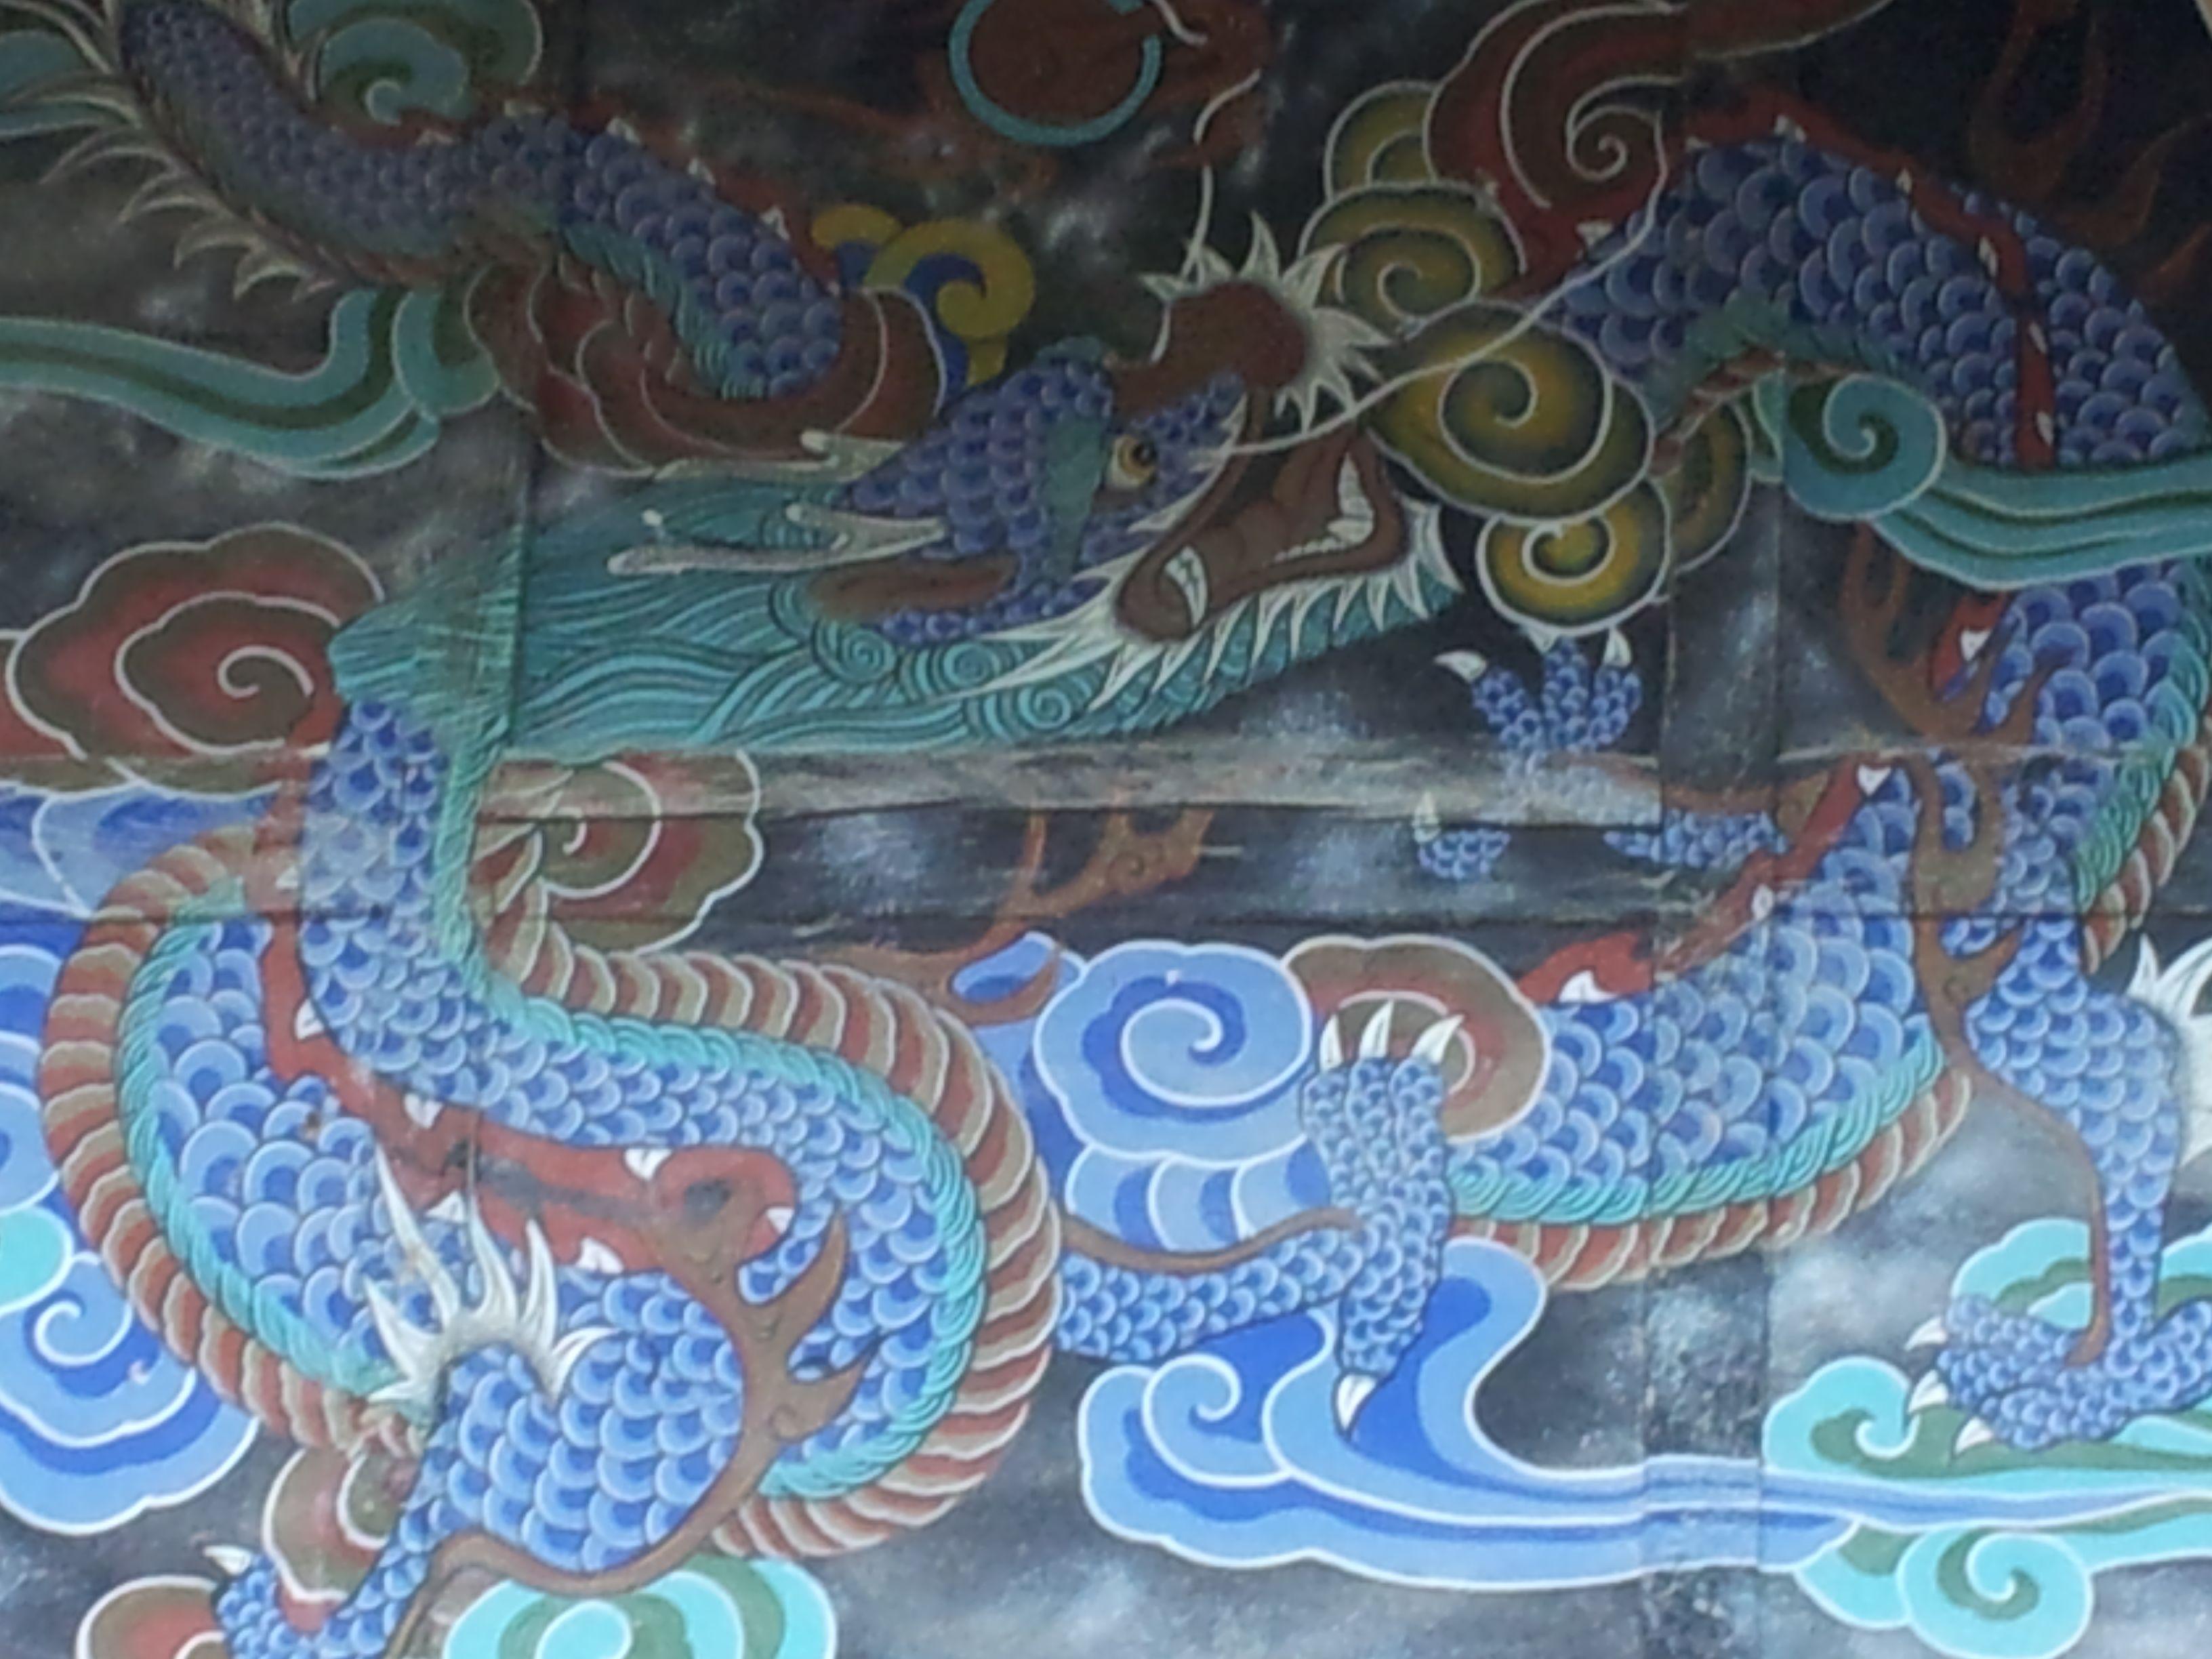 Tongdosa, South Korea